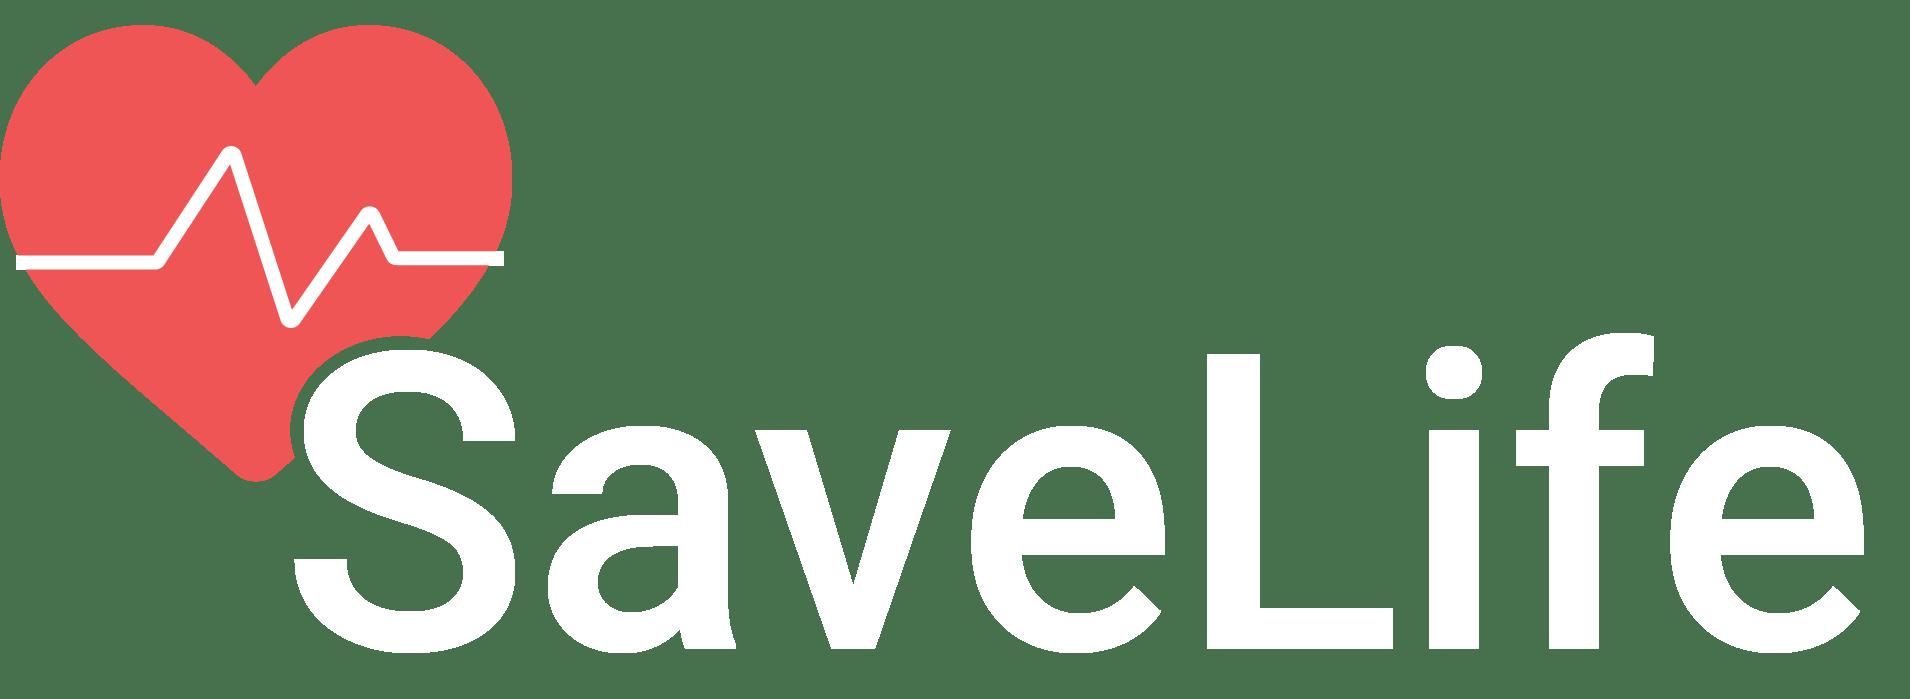 SaveLifeTransparent